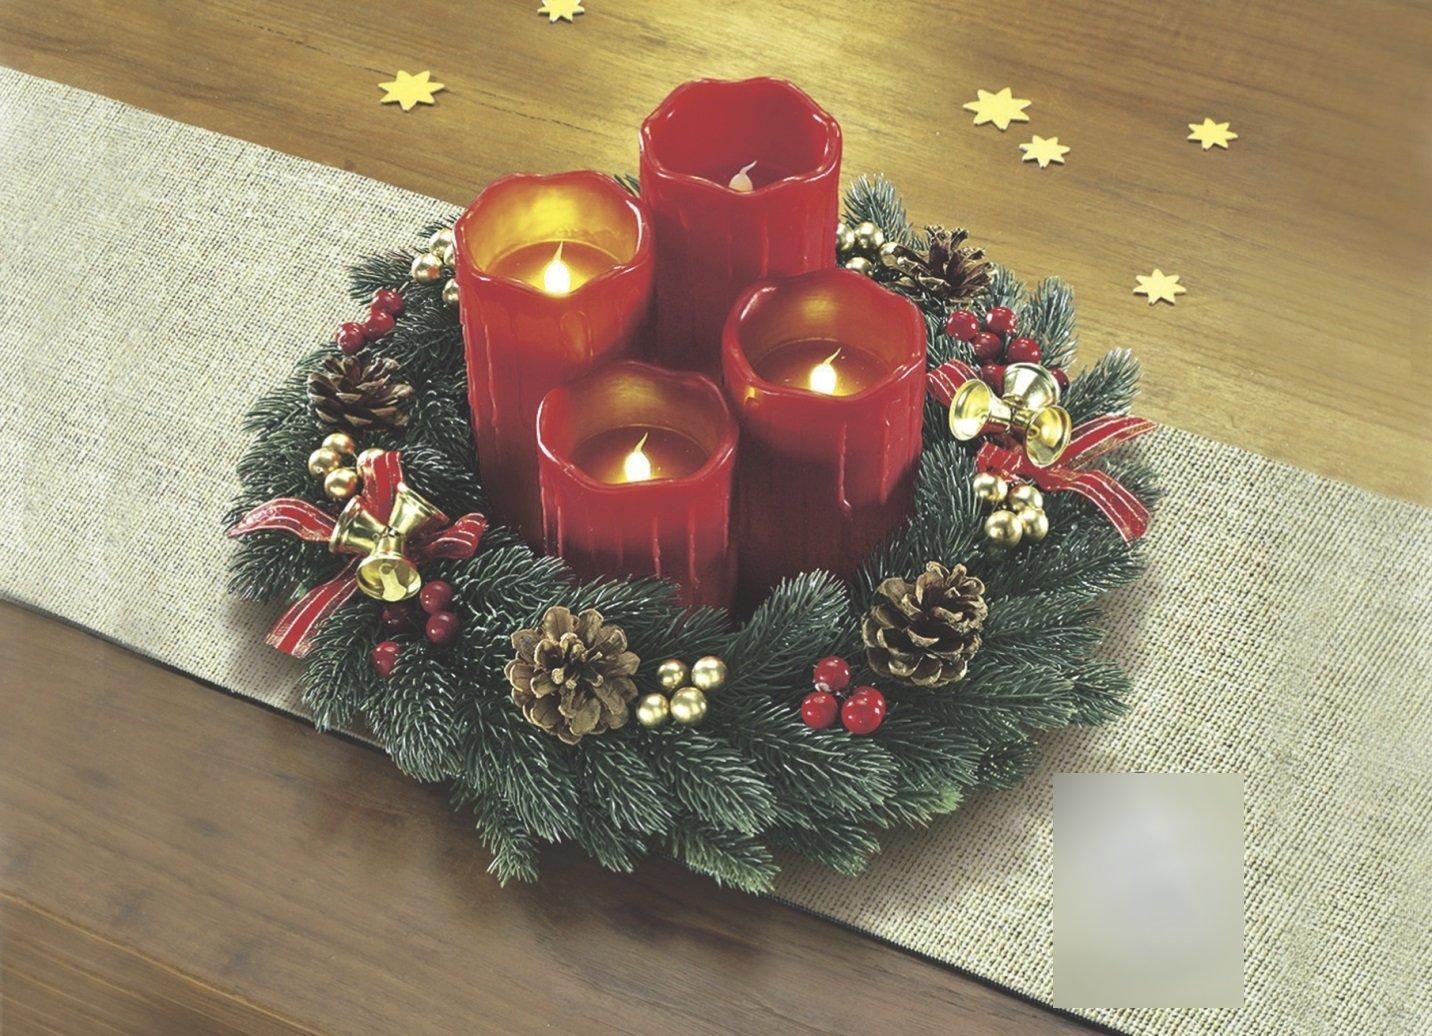 adventskranz mit led kerzen weihnachten weihnachtsgesteck. Black Bedroom Furniture Sets. Home Design Ideas